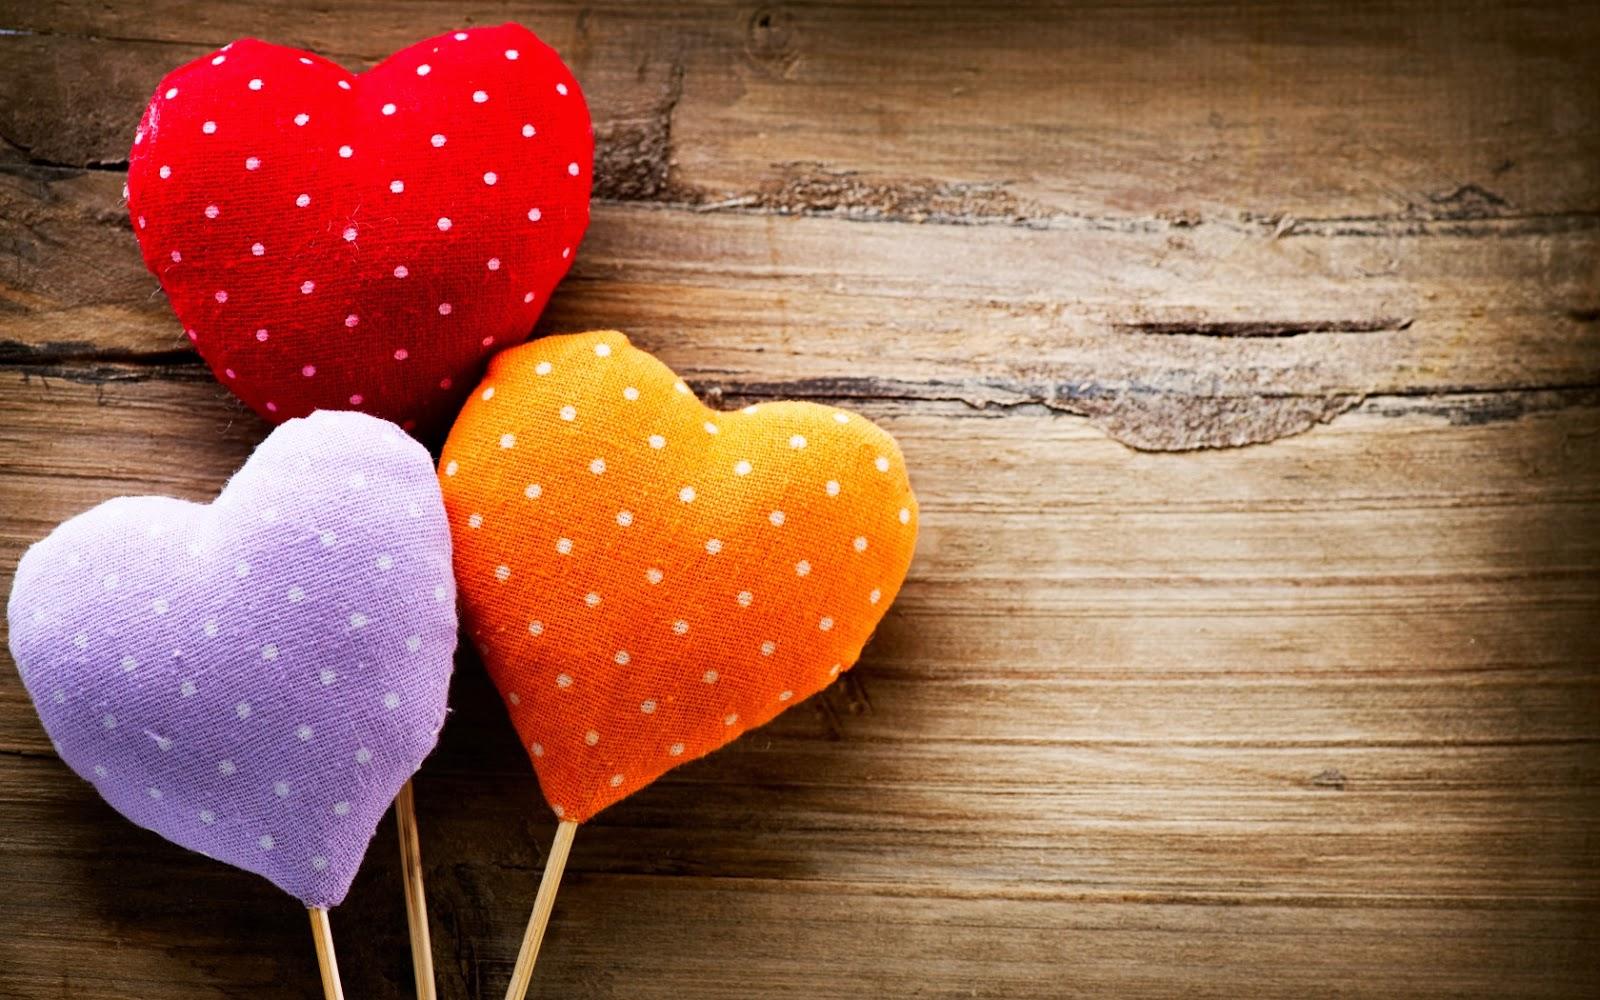 صورة خلفيات رومانسية , اجمل صور الحب والرومانسية